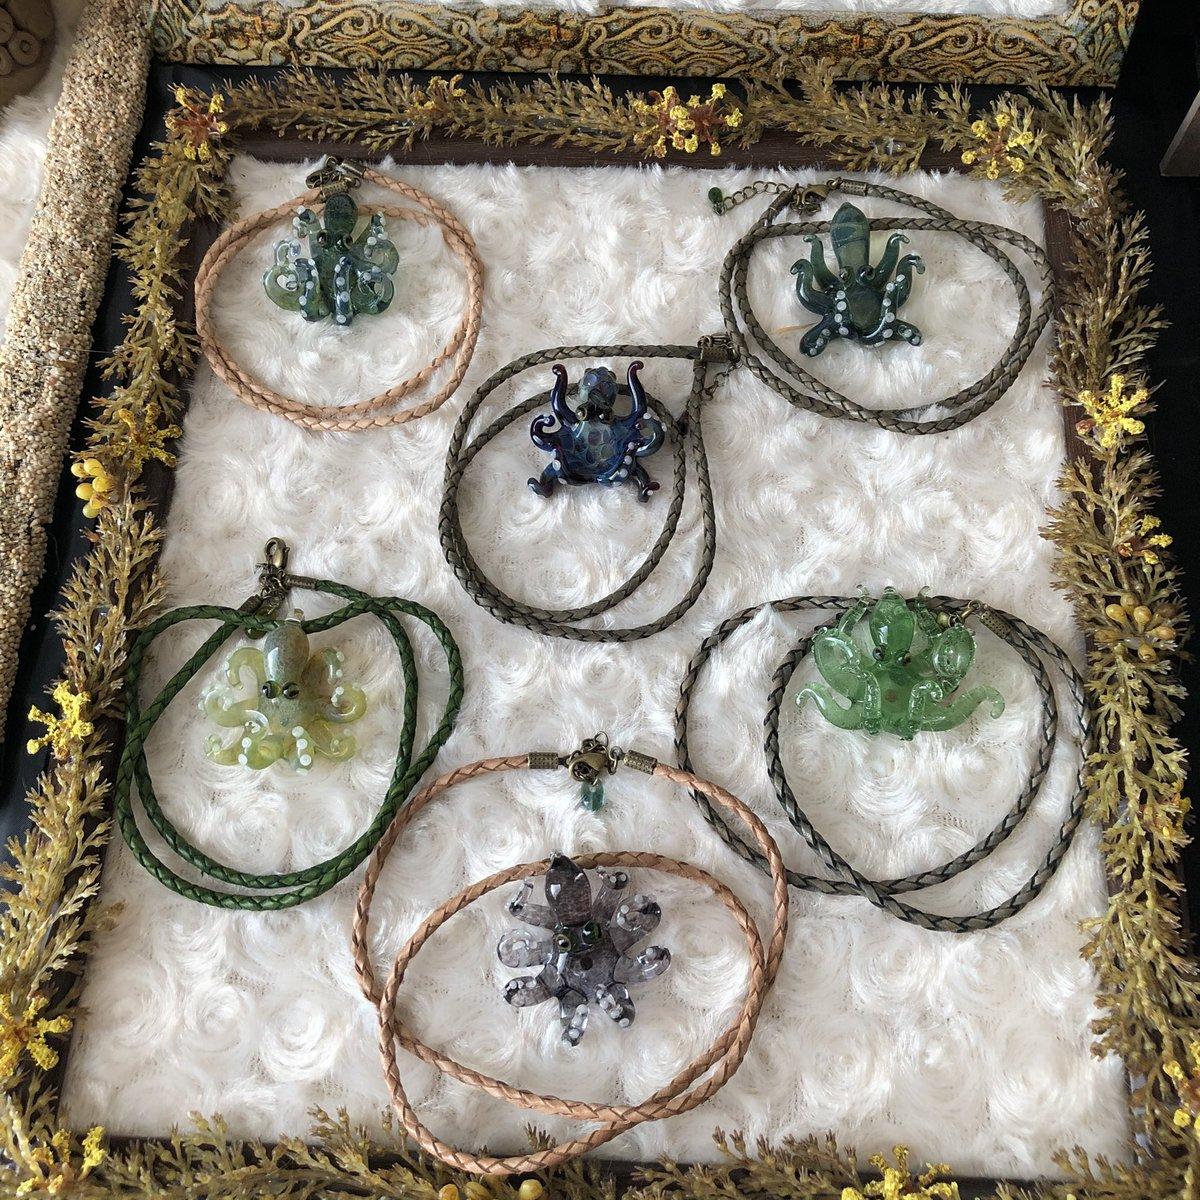 Oba Oba 硝子の動物園 たゆたうもの On Twitter 邪神を象った風鈴のようなもの 紫外線燈をあてると触手や目玉が妖しく光ります クトゥルフ クトゥルフ展2